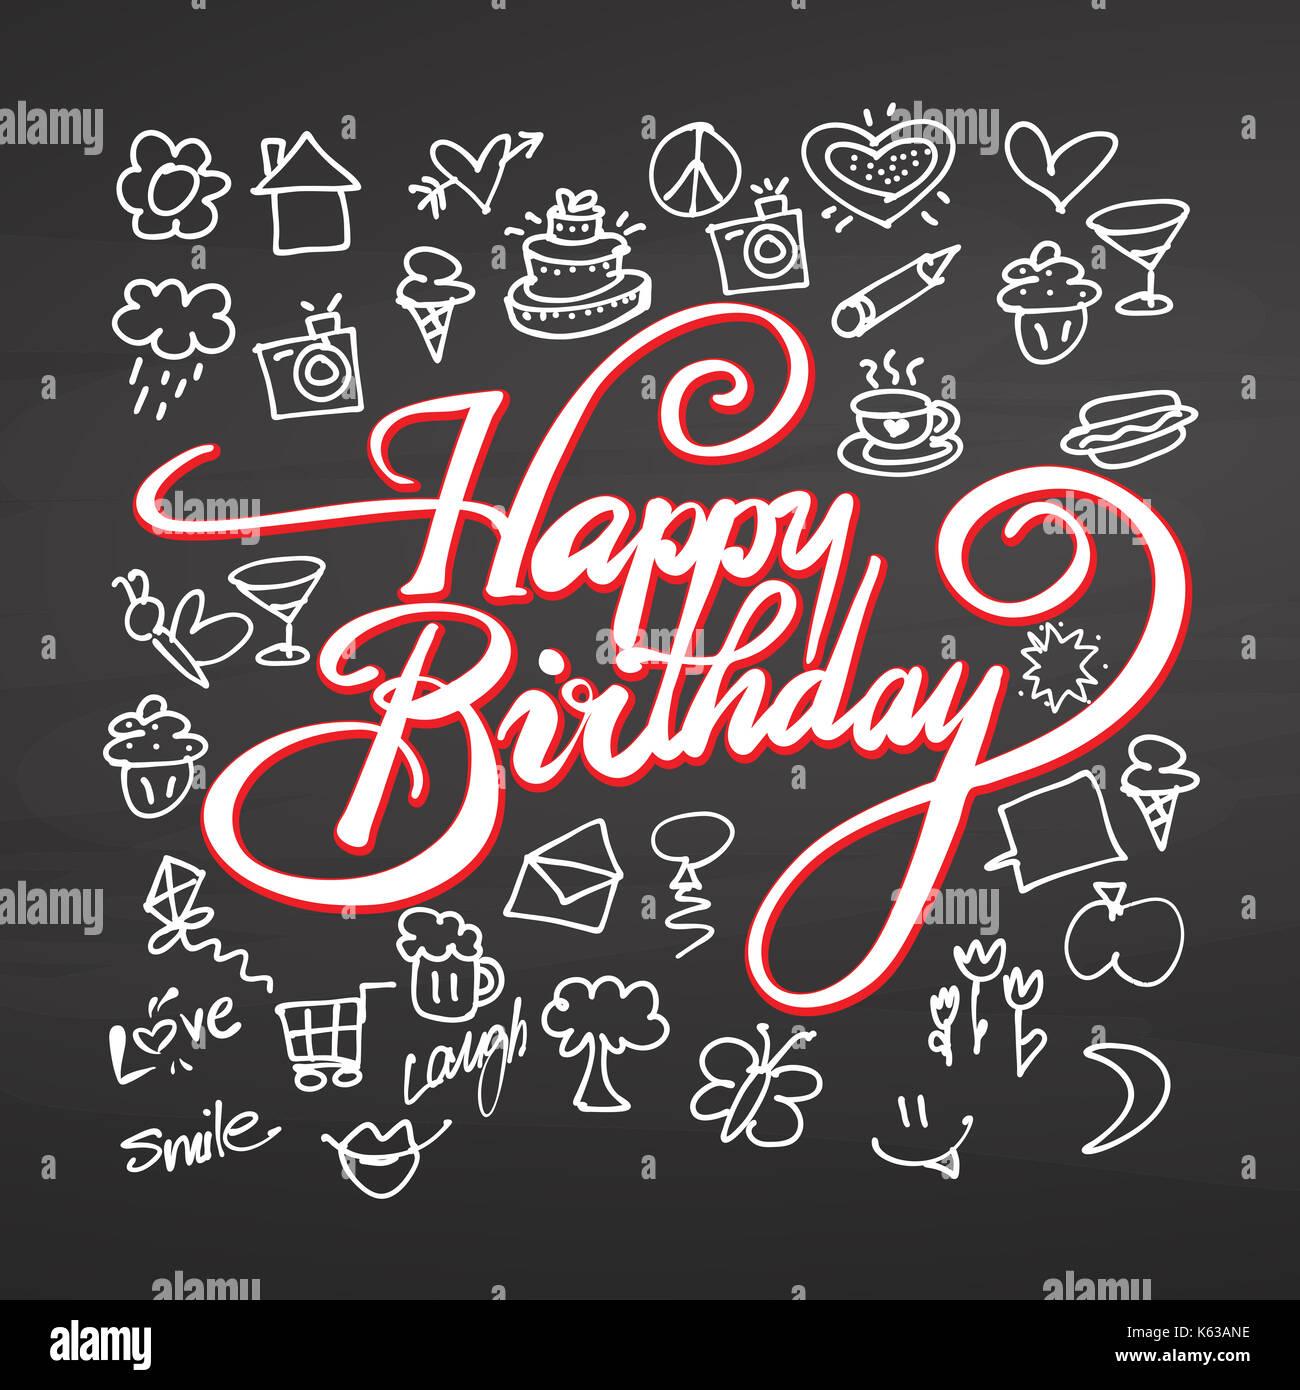 Feliz Cumpleaños Letras Y Garabatos En La Pizarra, Dibujo